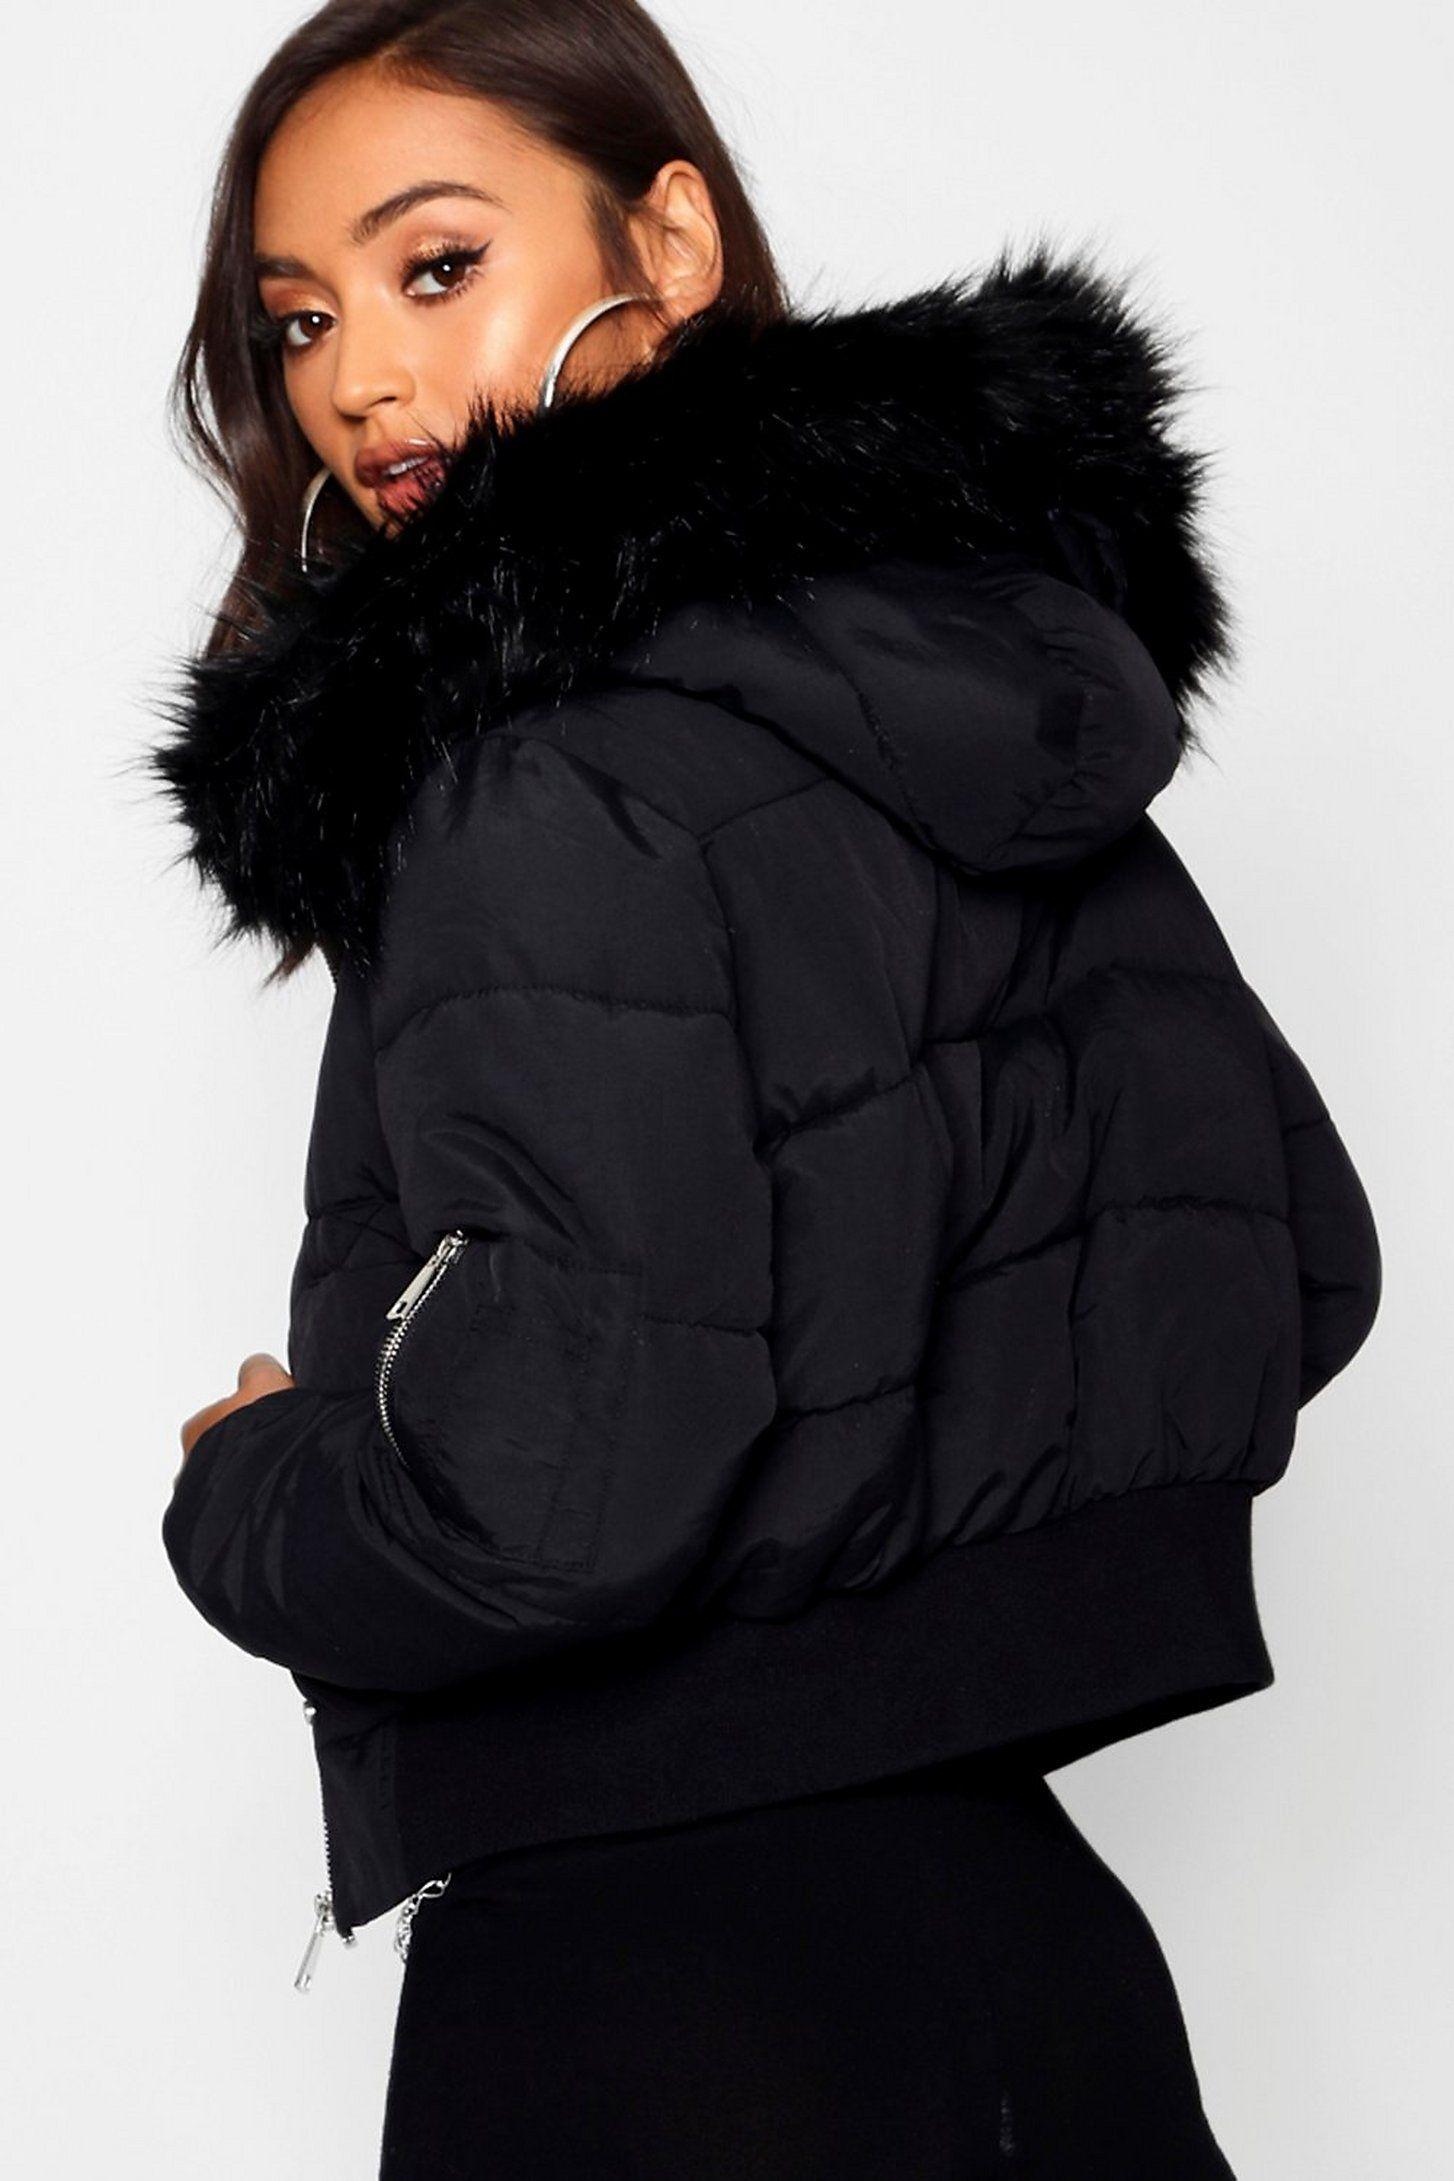 Petite Luxe Faux Fur Hood Sporty Cropped Coat Boohoo Faux Fur Hood Puffer Coat With Fur Cropped Coat [ 2181 x 1454 Pixel ]